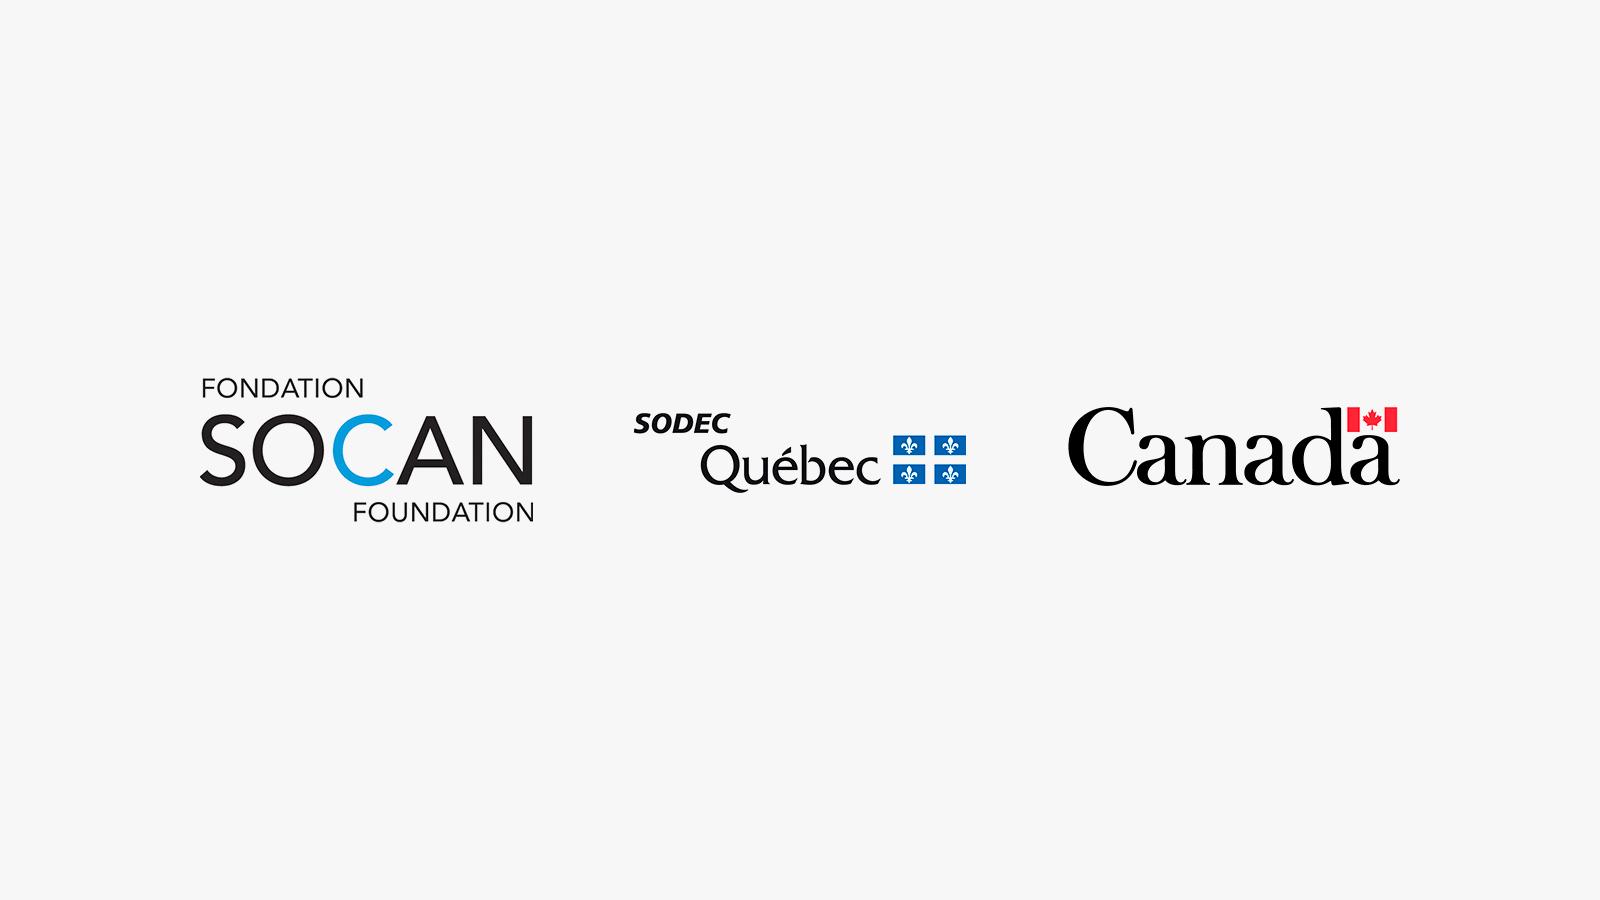 logos de la Fondation SOCAN, de la SODEC et di gouvernement du Canada